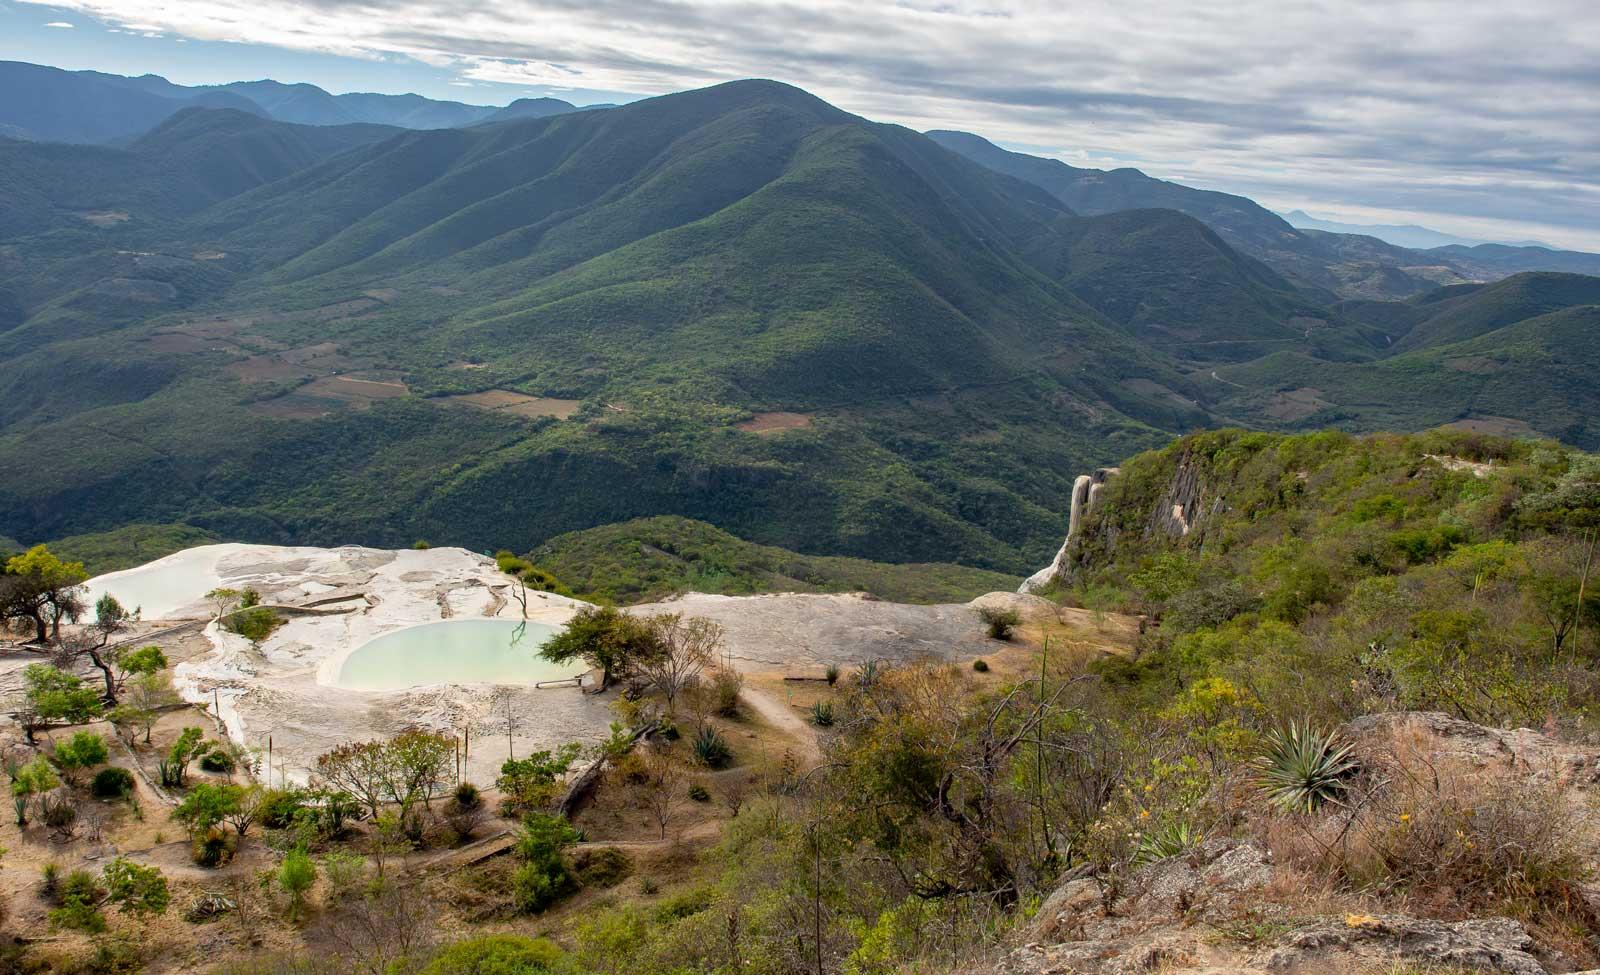 Ausblick auf die Quellen bei Hierve el Agua